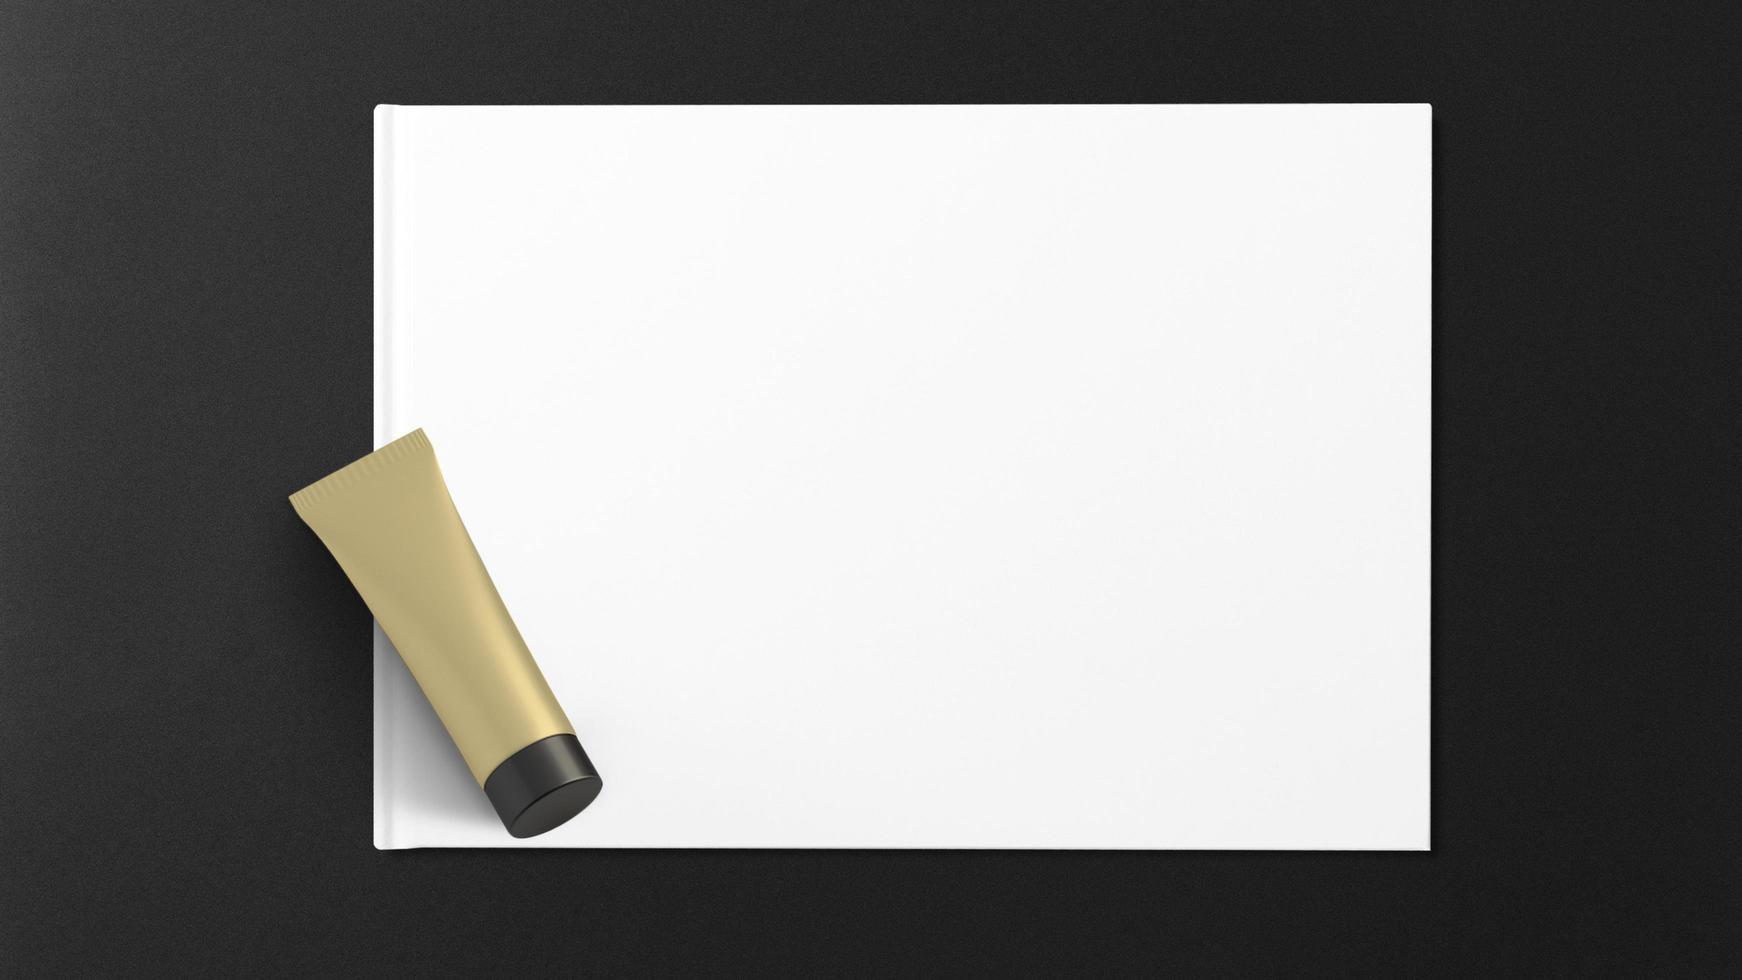 frasco cosmético em papel branco e fundo preto foto